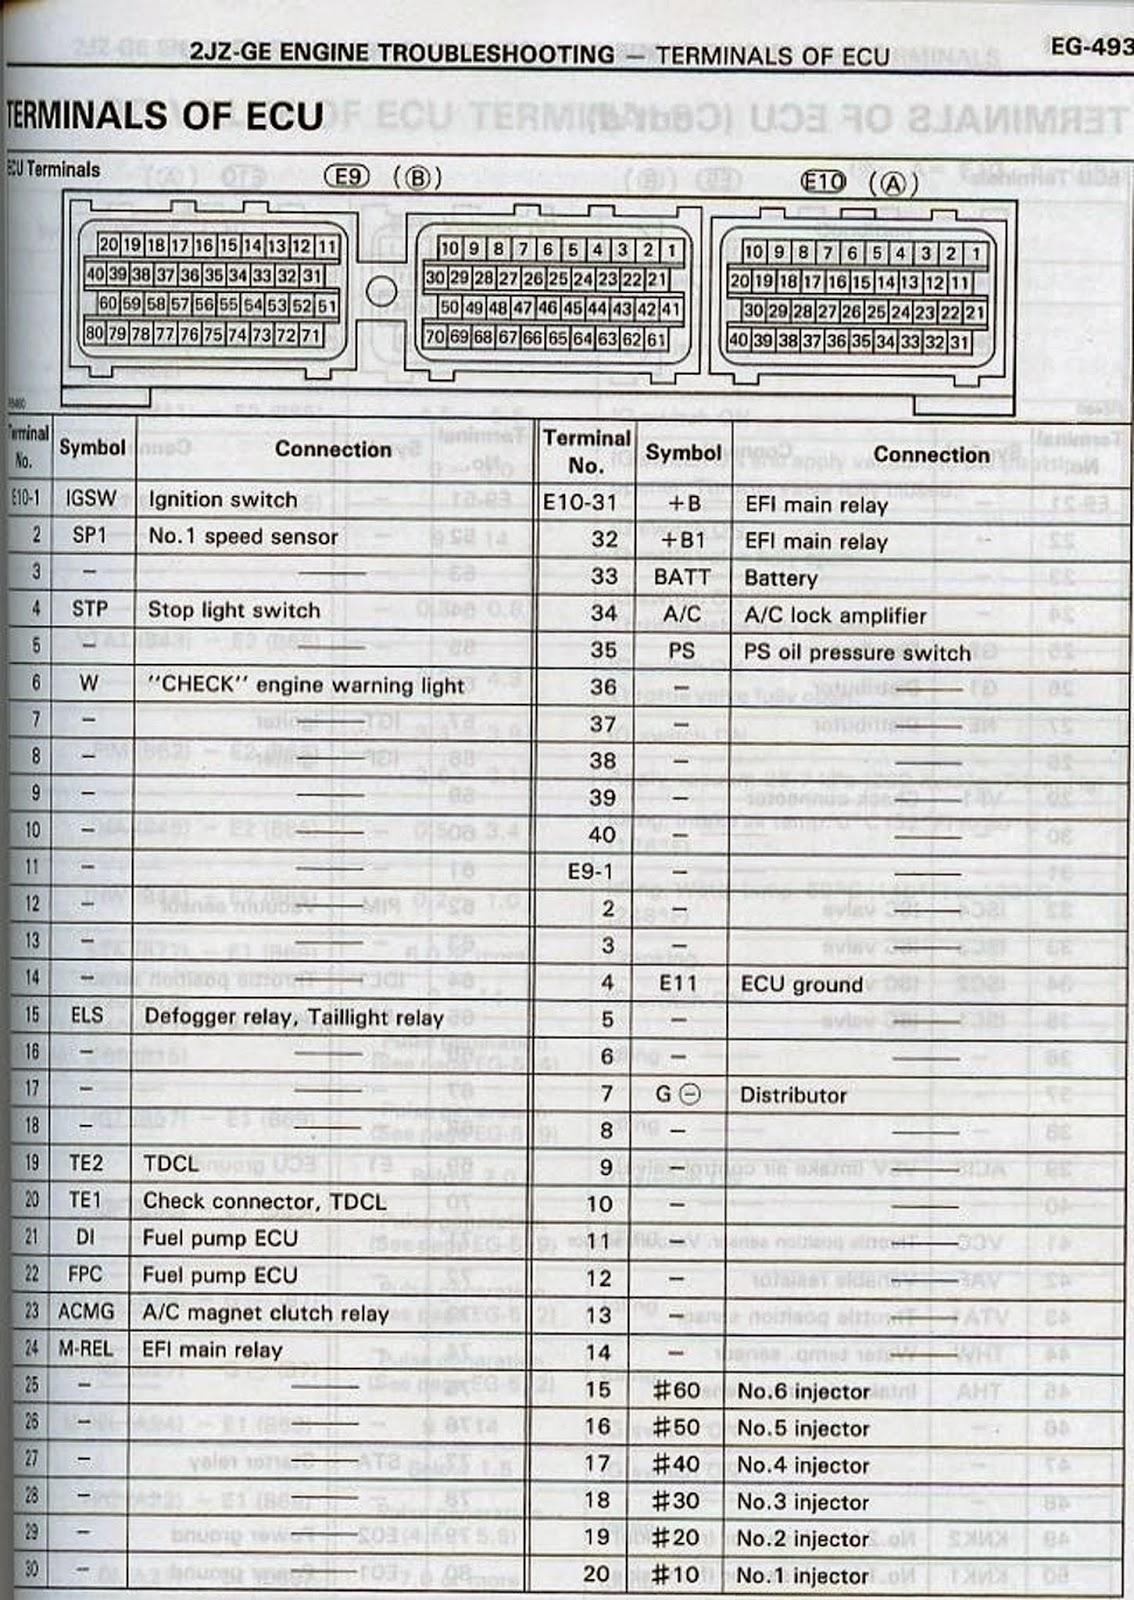 Toyota ECU pinouts: a few 2JZ-GE ECU pinoutToyota ECU pinouts